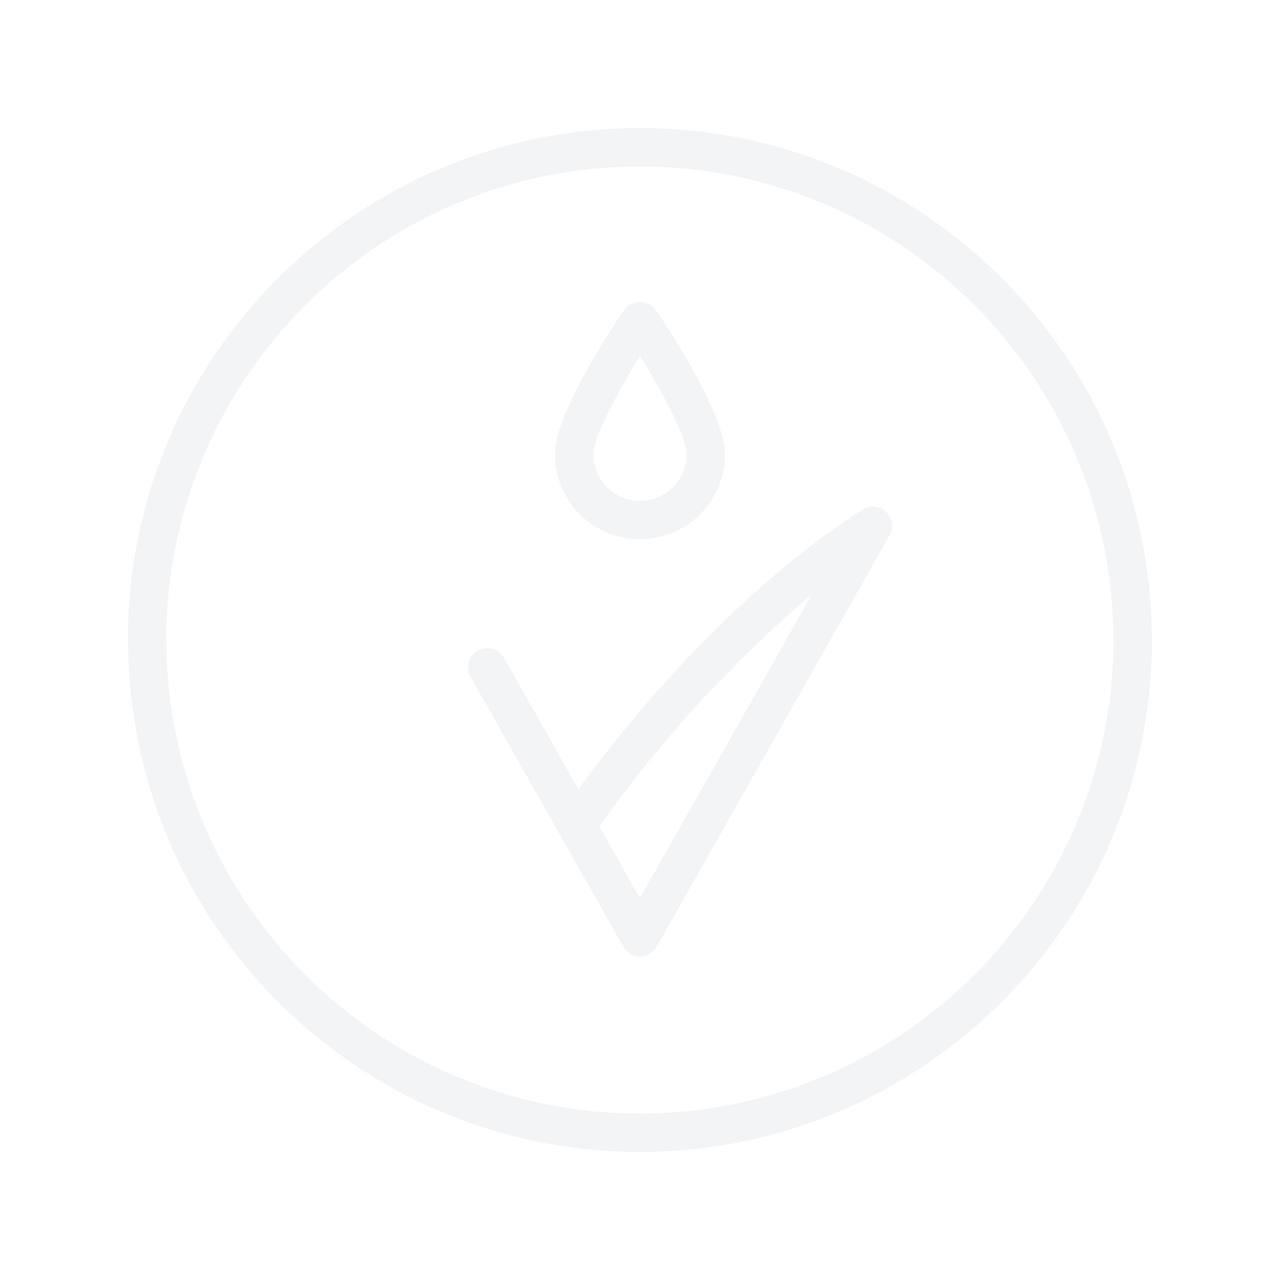 GOSH Metal Waterproof Eye Pencil 1.2g